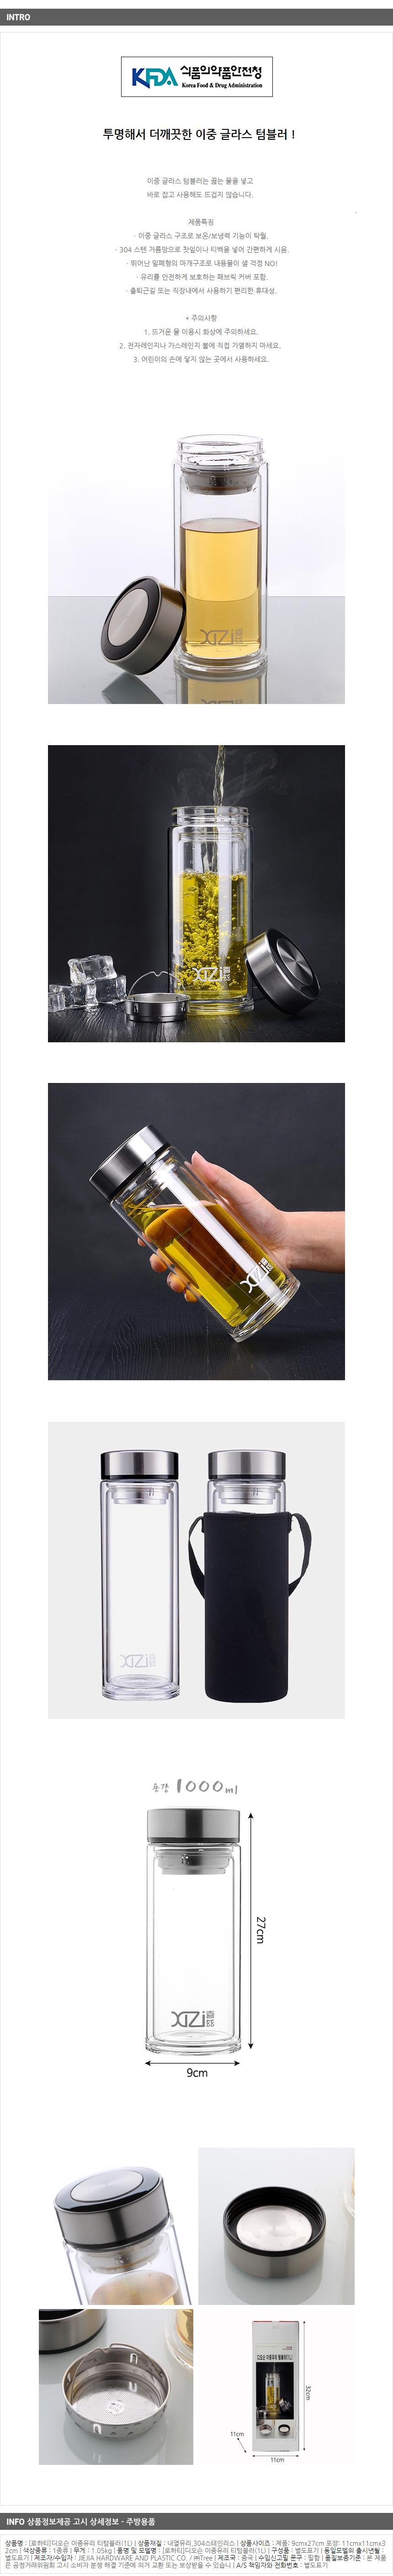 [로하티]디오슨 이중유리 티텀블러(1L)/유리물병 - 기프트갓, 20,200원, 보틀/텀블러, 키친 물병